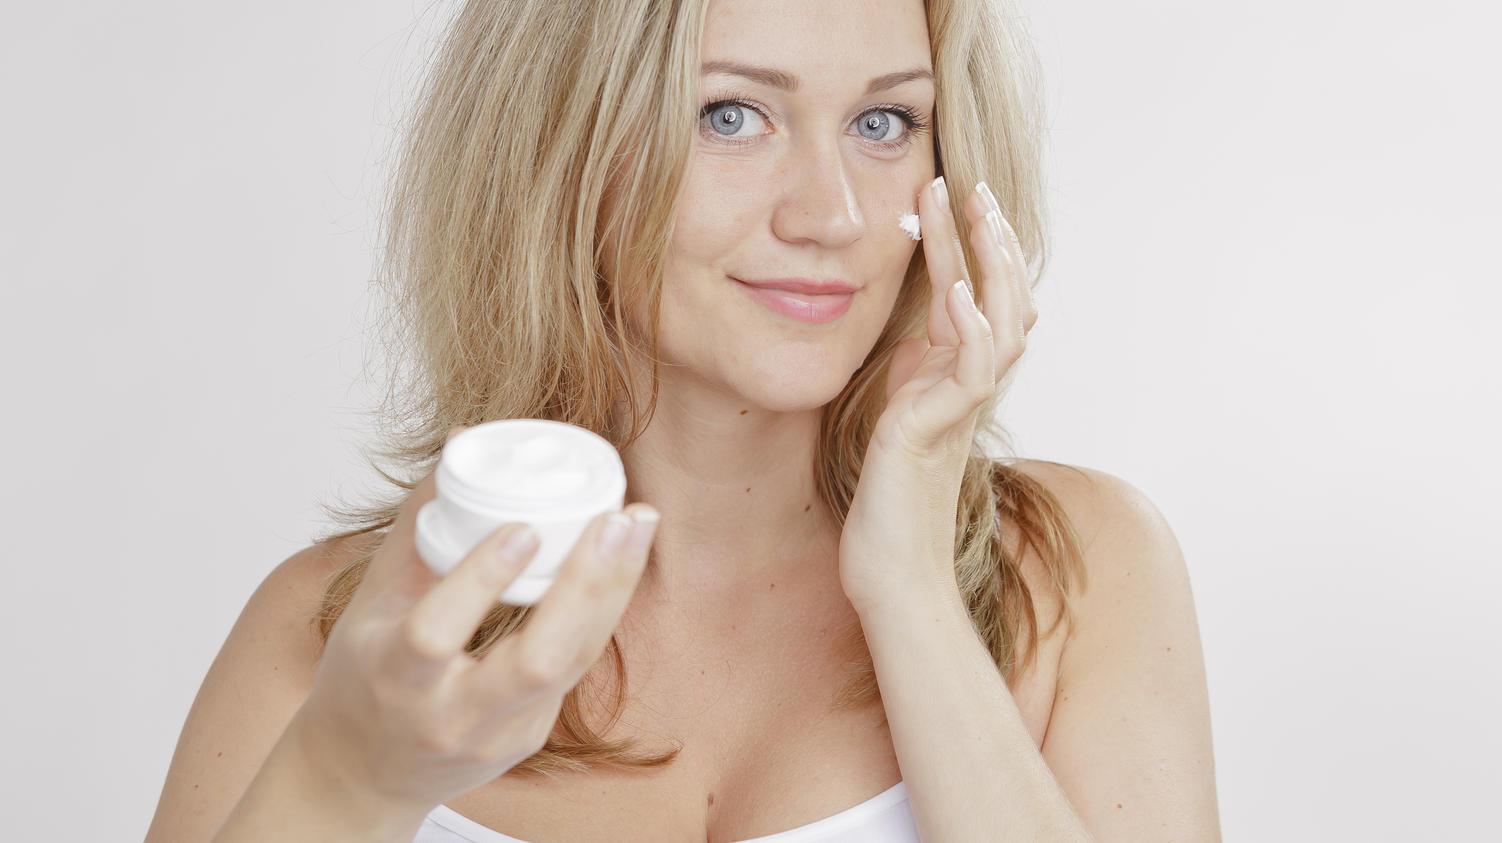 Die richtige Hautpflege für Frauen ab 40? Hier sind die besten Tipps und Tricks